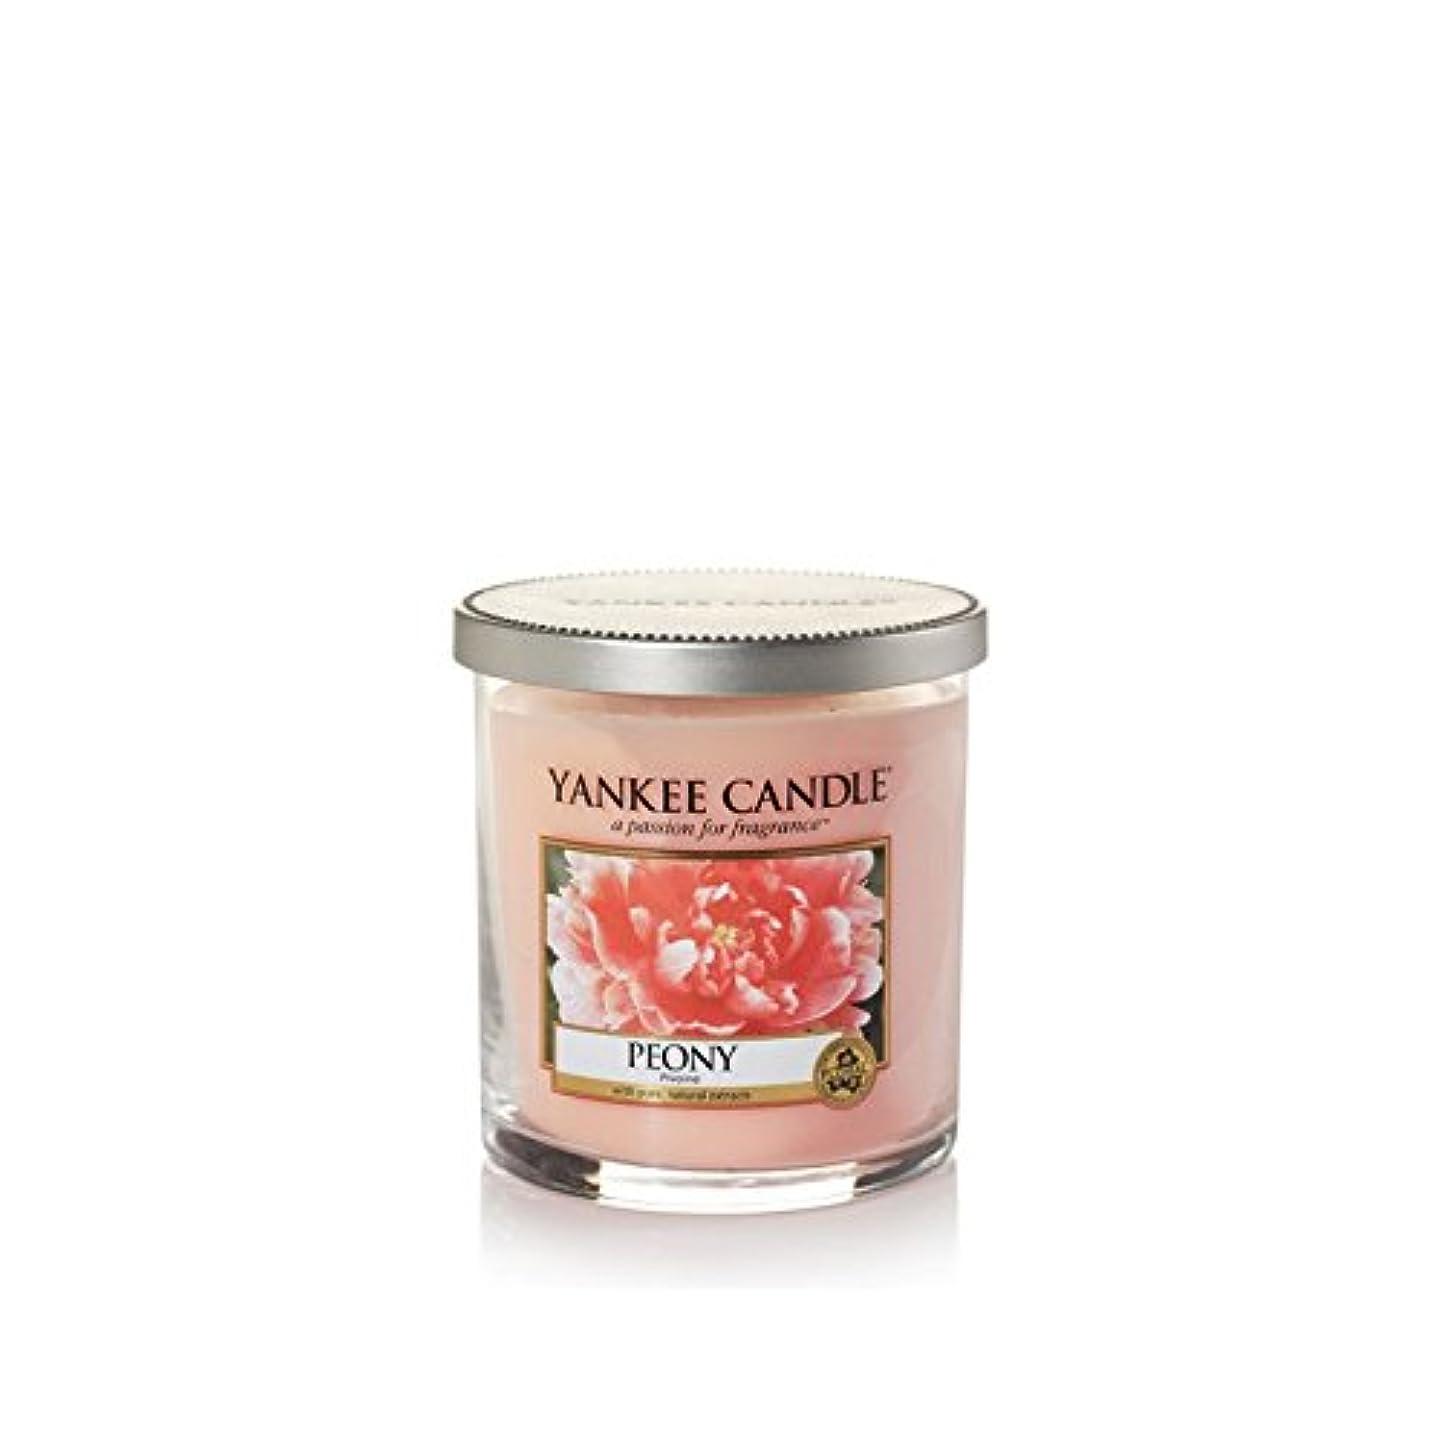 サイバースペース援助ファッションYankee Candles Small Pillar Candle - Peony (Pack of 2) - ヤンキーキャンドルの小さな柱キャンドル - 牡丹 (x2) [並行輸入品]